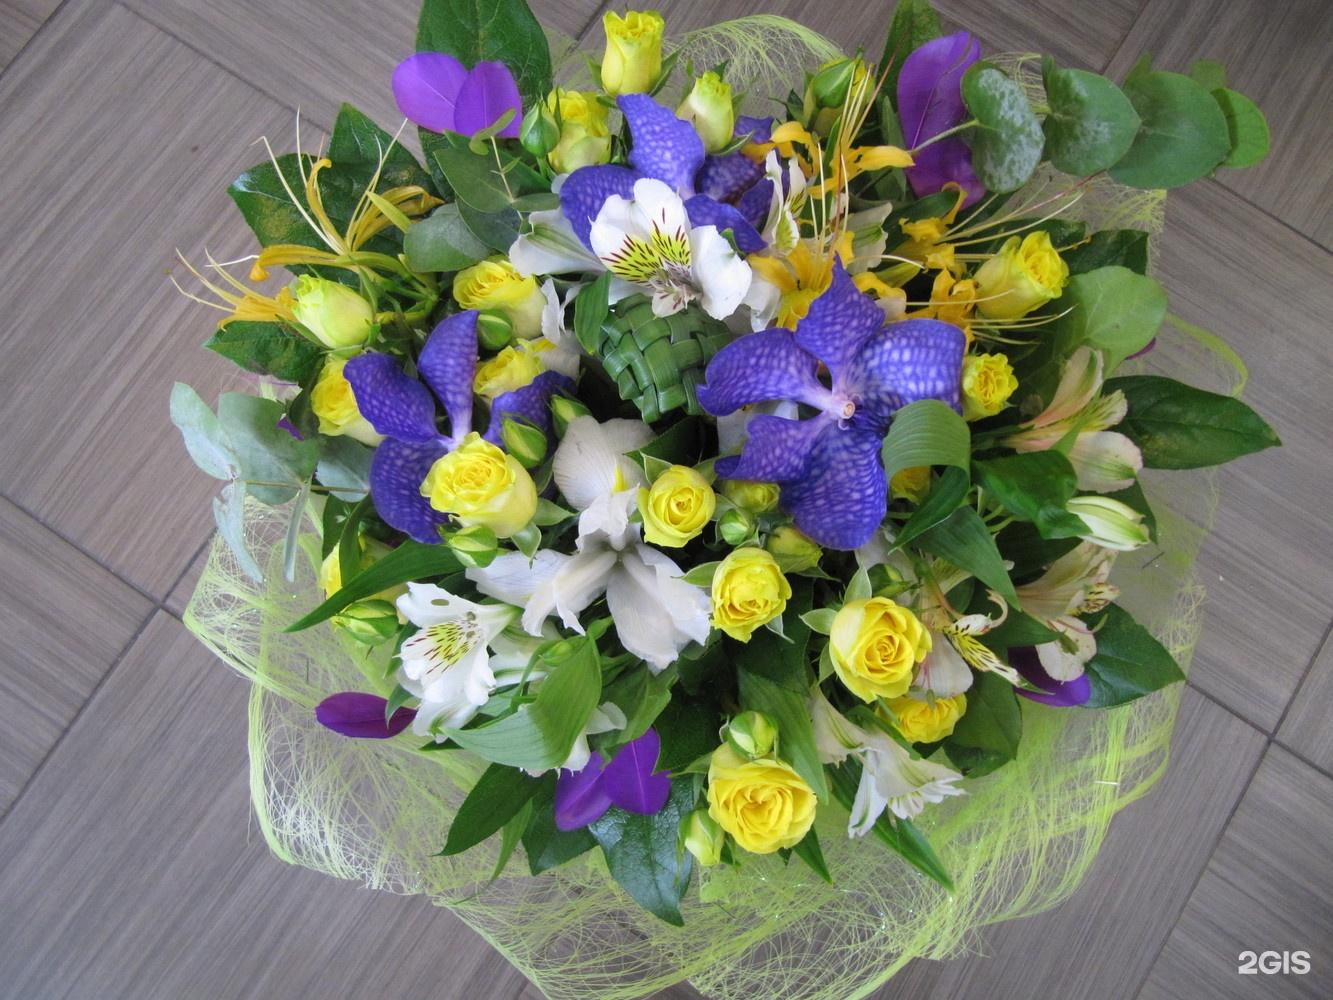 Доставка цветов по городу тюмени